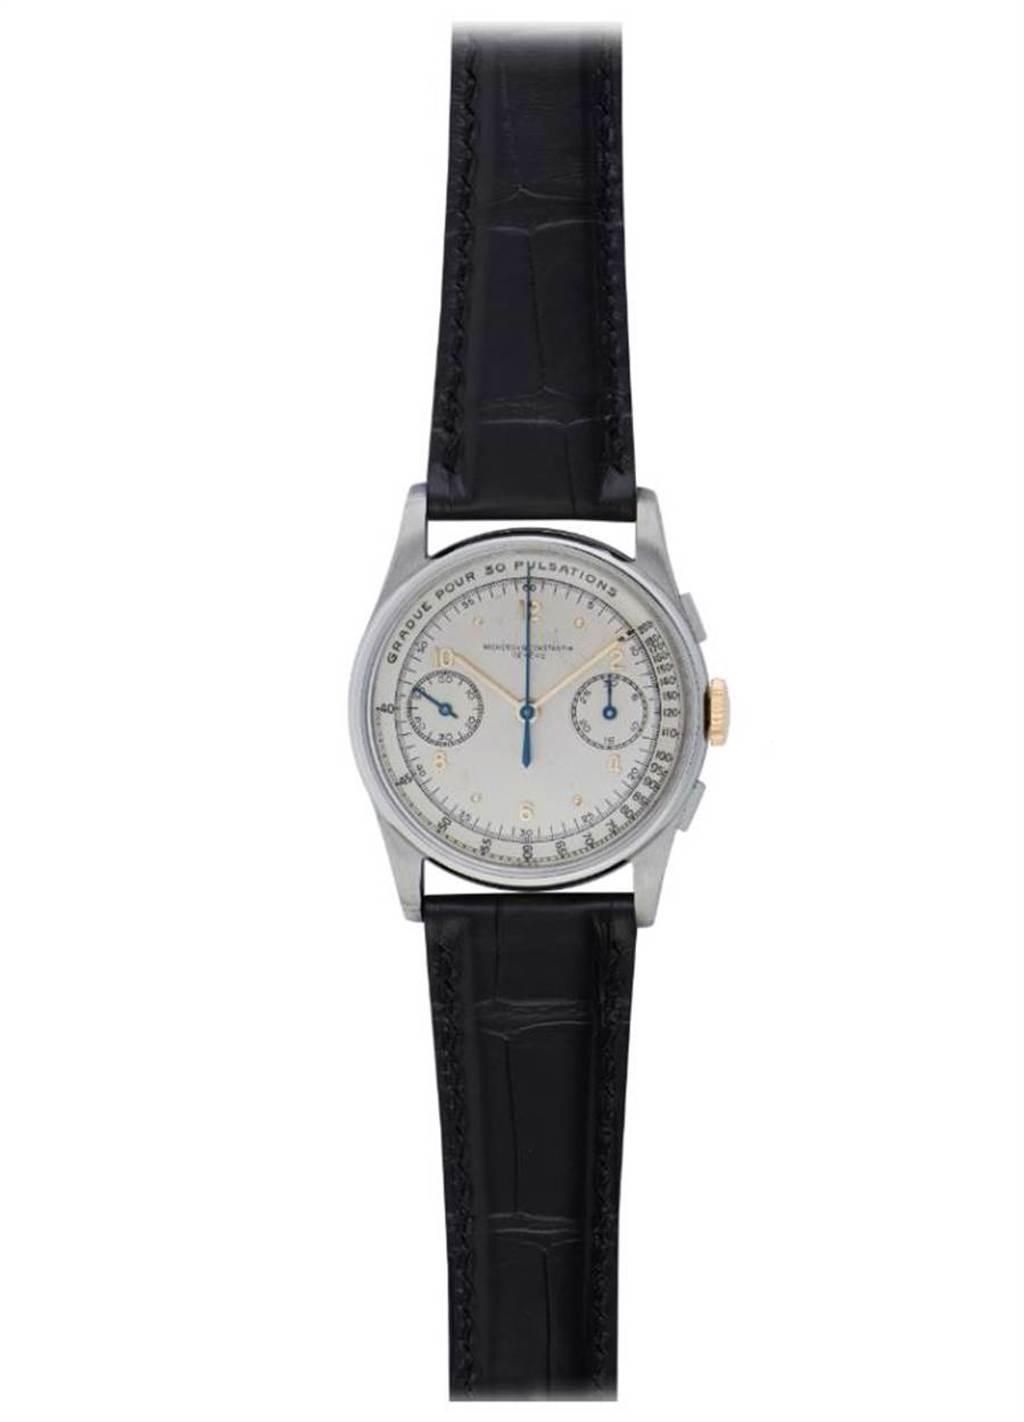 江詩丹頓1943年生產的Staybrite分鐘計時精鋼骨董表,具備脈搏儀功能,價格比金鉑金表殼還要看俏,377萬元。(Vacheron Constantin提供)